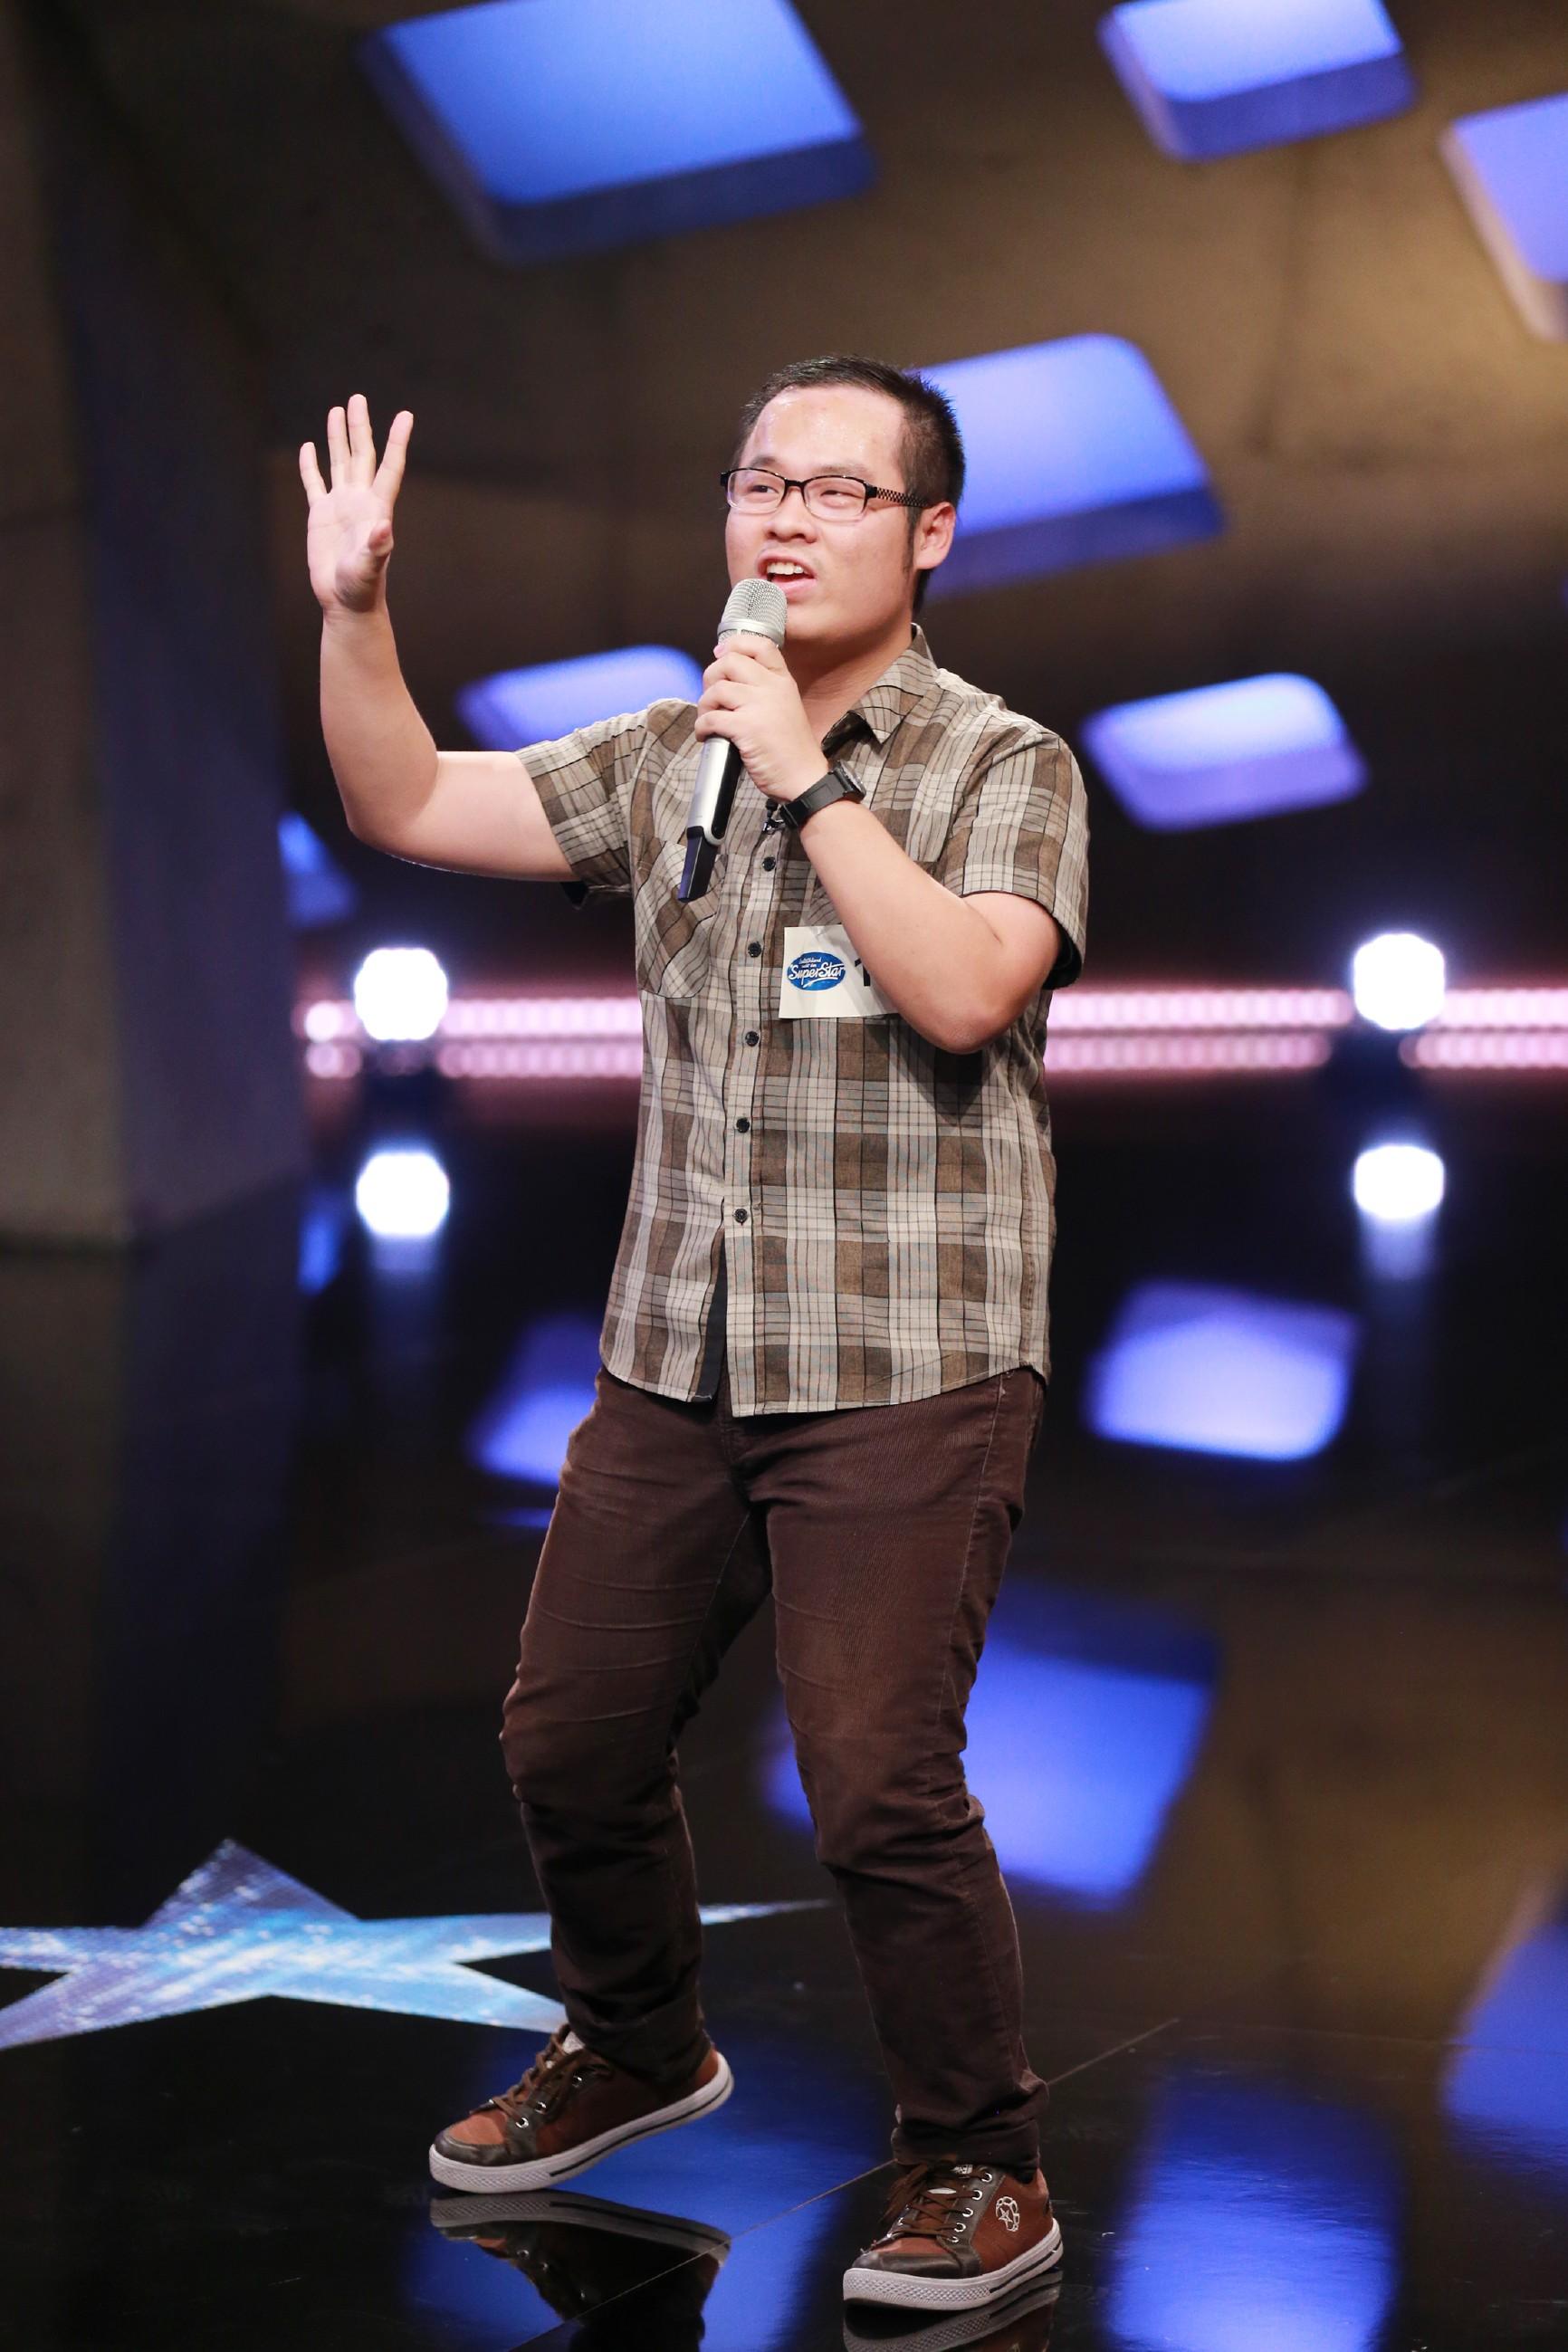 DSDS 2016 Casting 3 - Khac Quang Duy Le